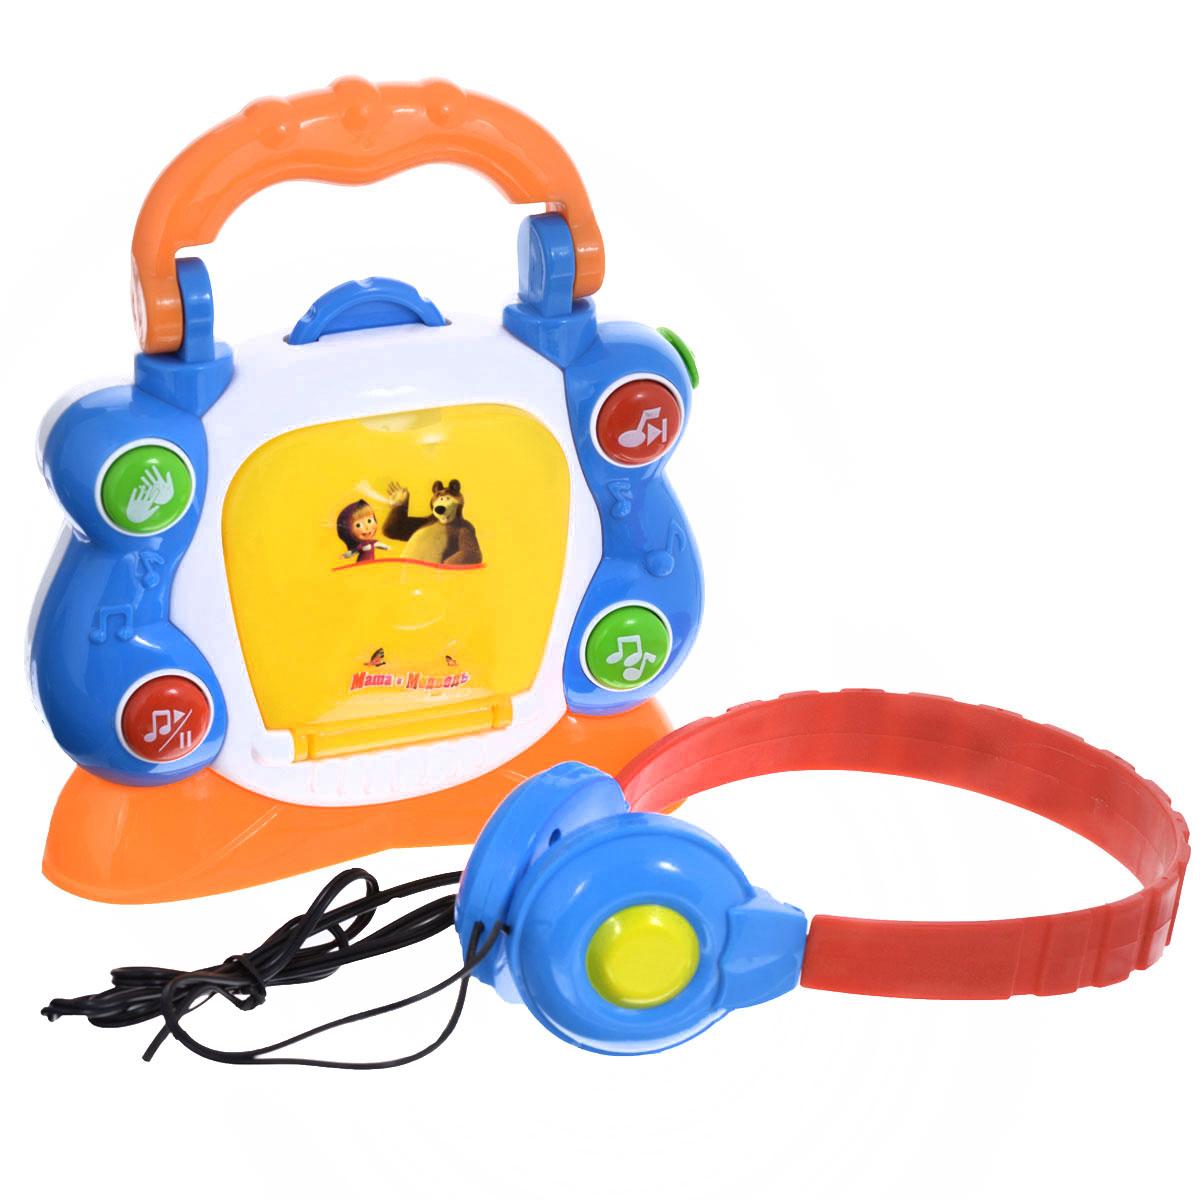 Музыкальная игрушка Играем вместе Электронный CD-плеер плеер explay t35tv